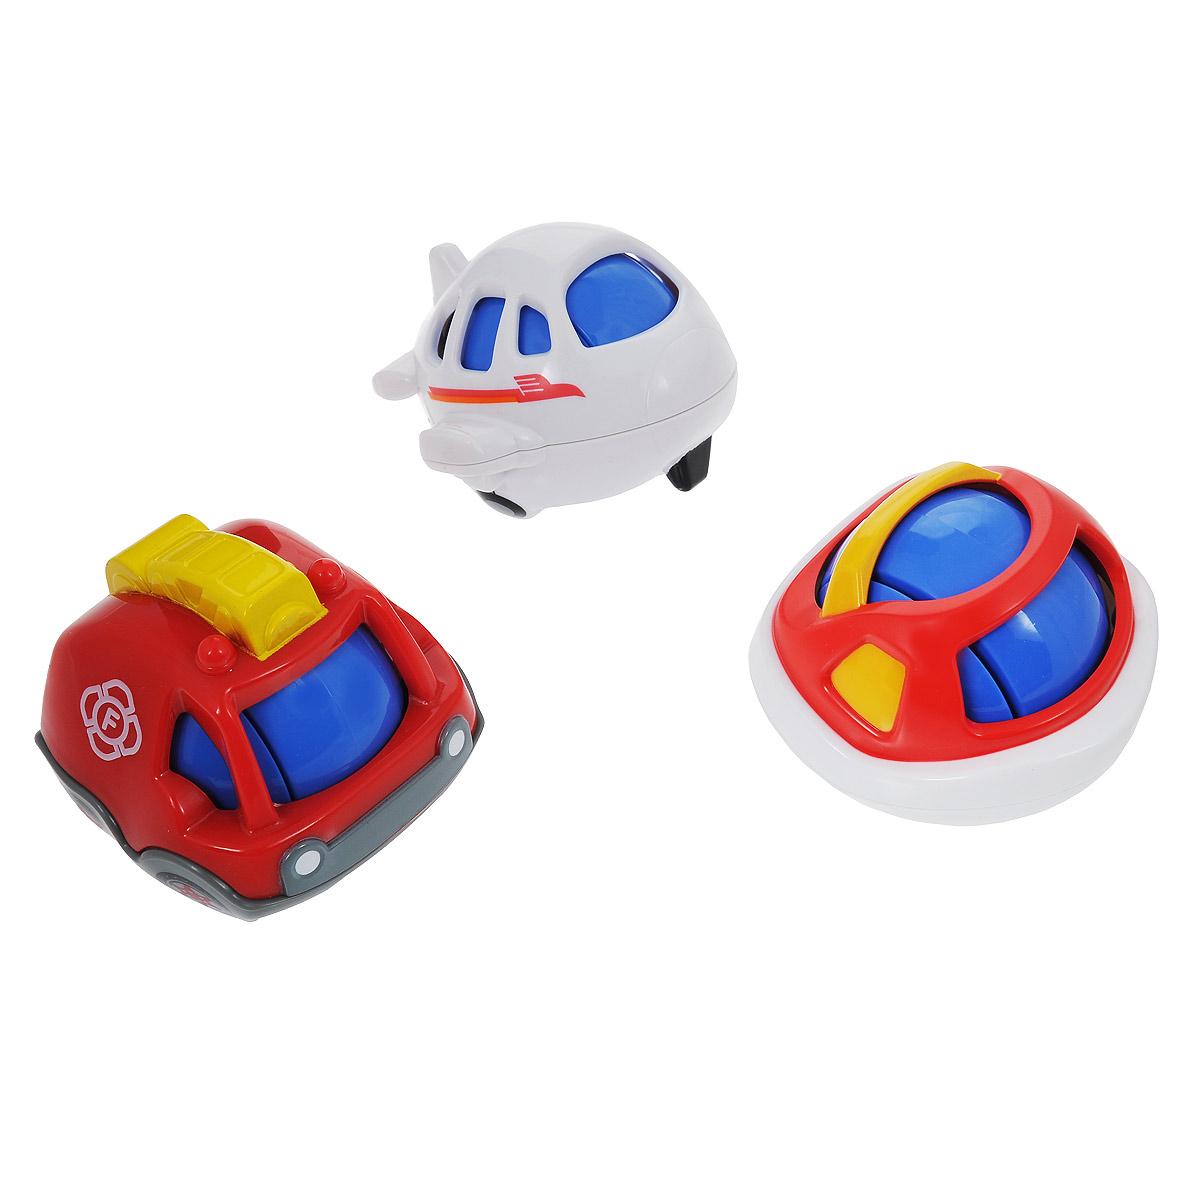 Playgo Развивающая игрушка Игровой транспорт, 3 предмета игрушки интерактивные playgo интерактивная игрушка телевизор